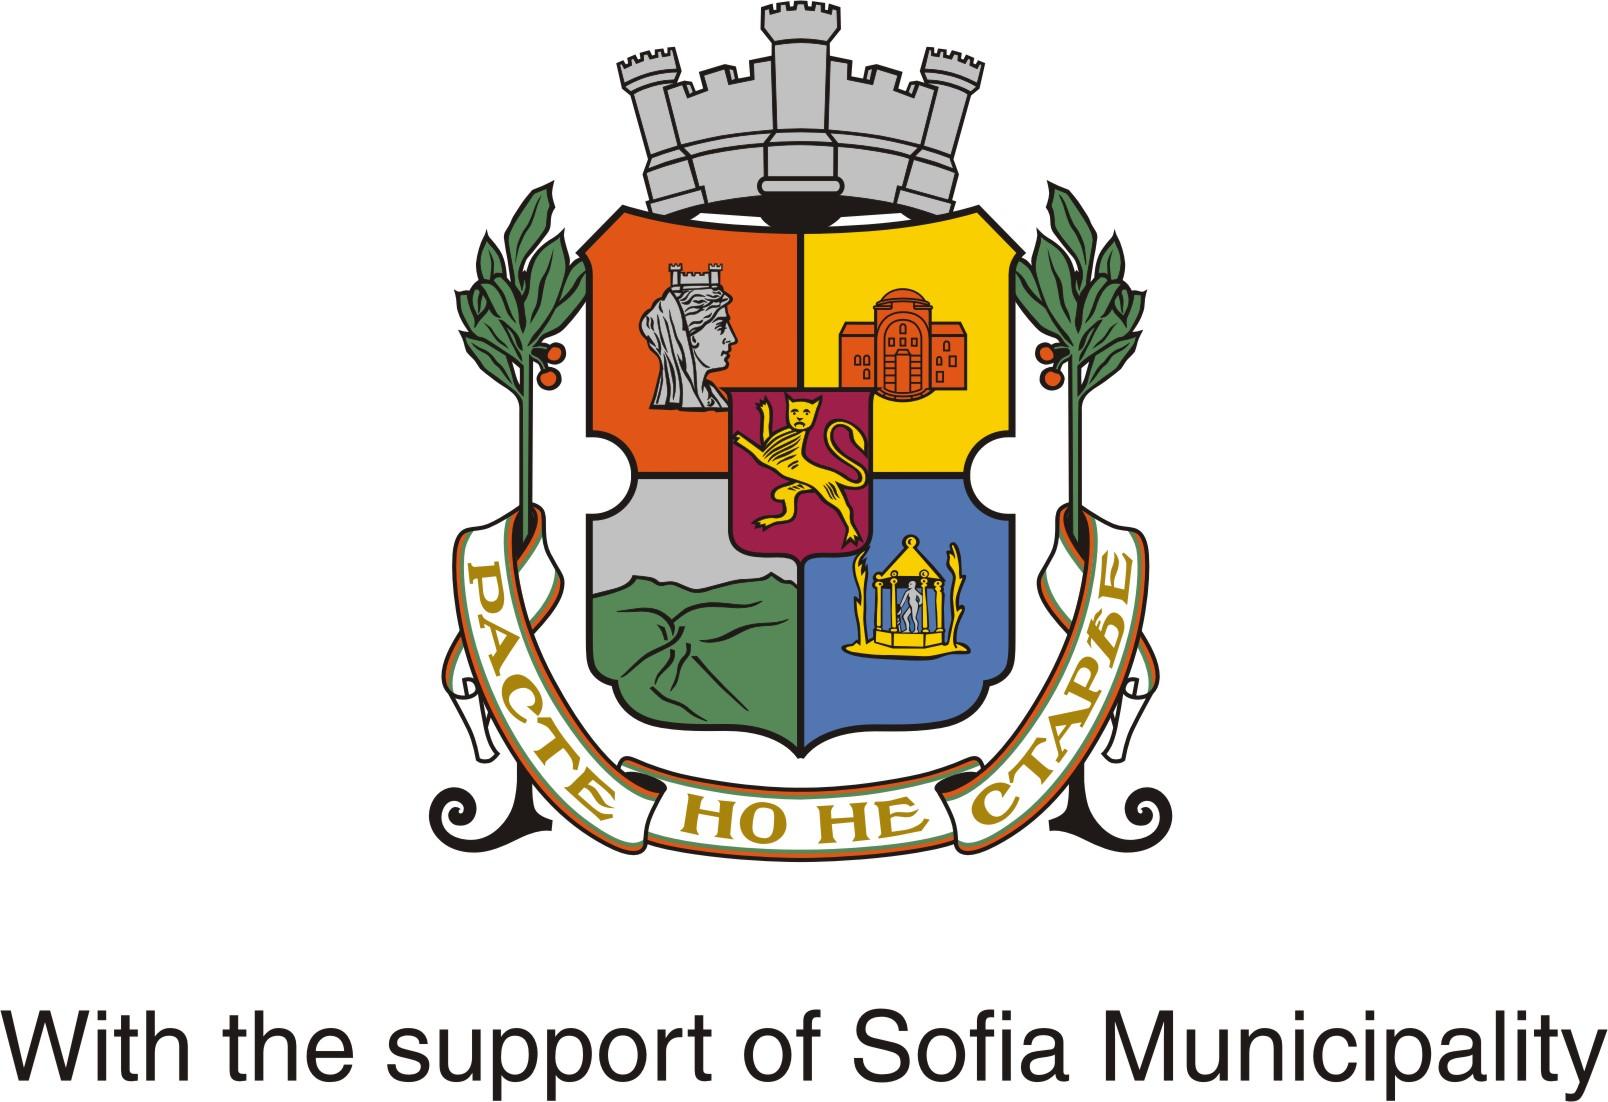 logo_support_2_cveten